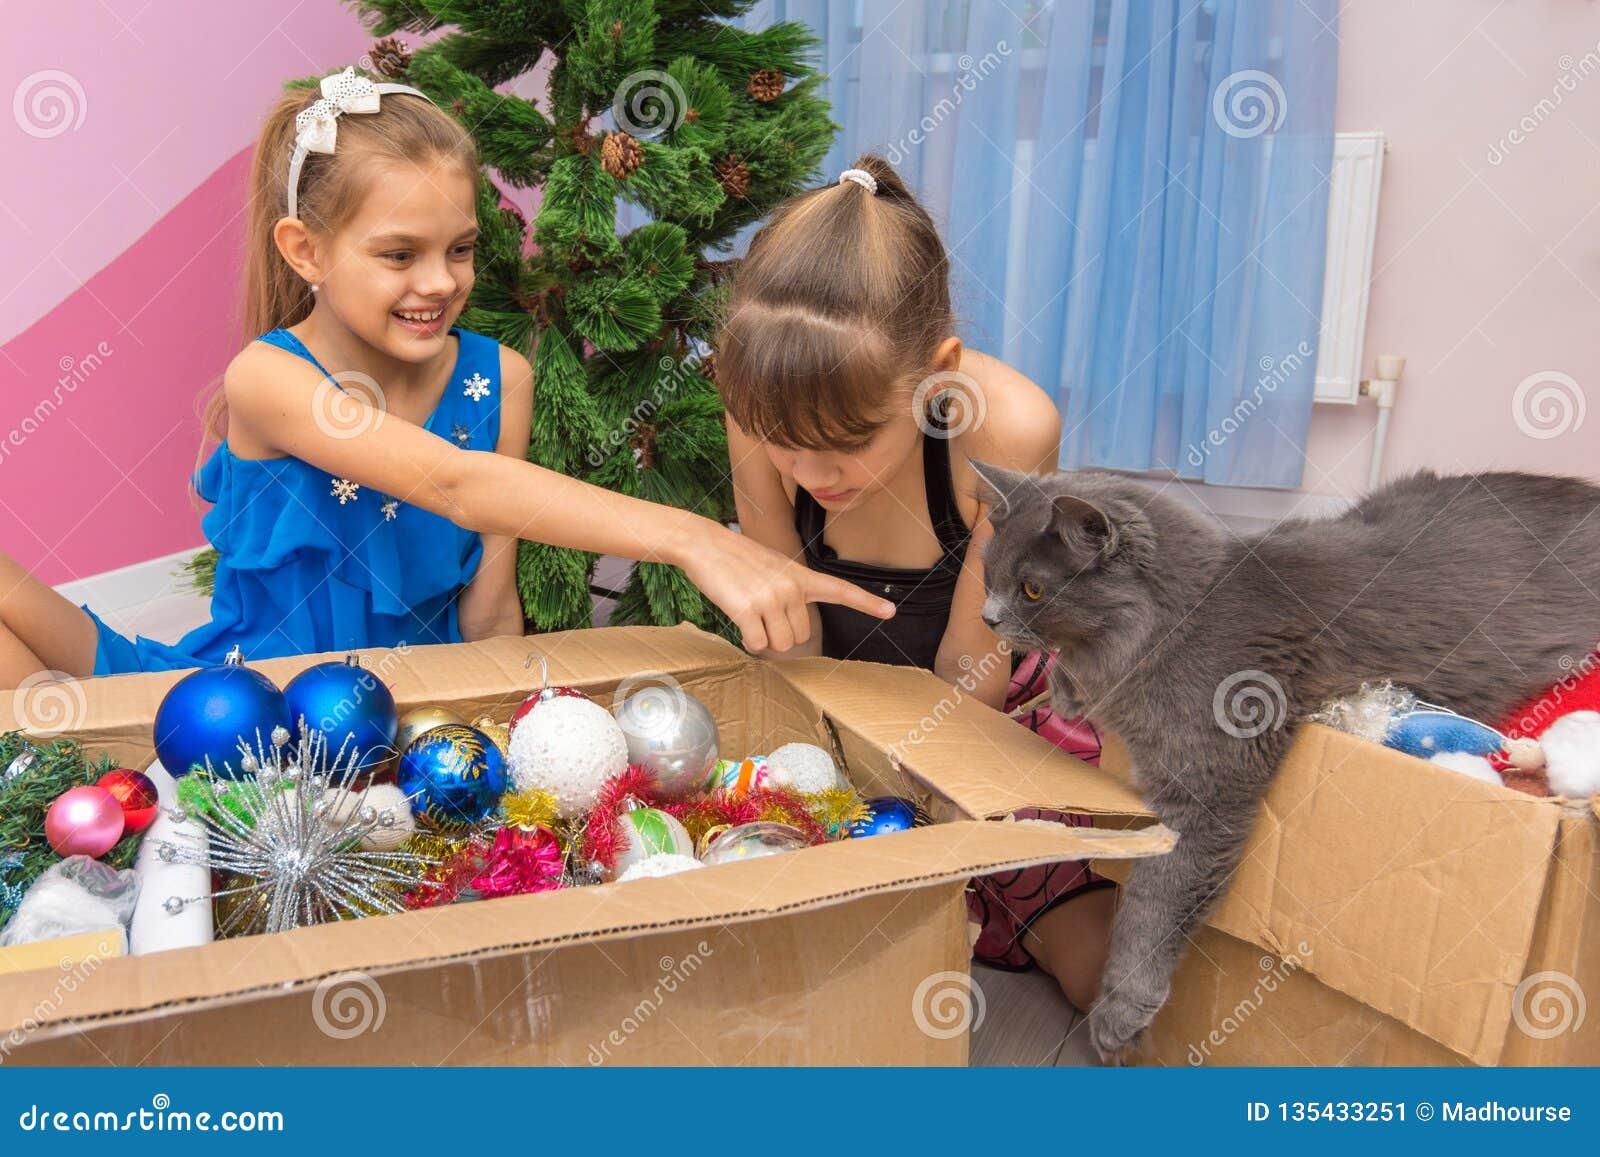 Le chat de maison est venu pour regarder les décorations d arbre de Noël dans la boîte, la fille montre un doigt sur le chat